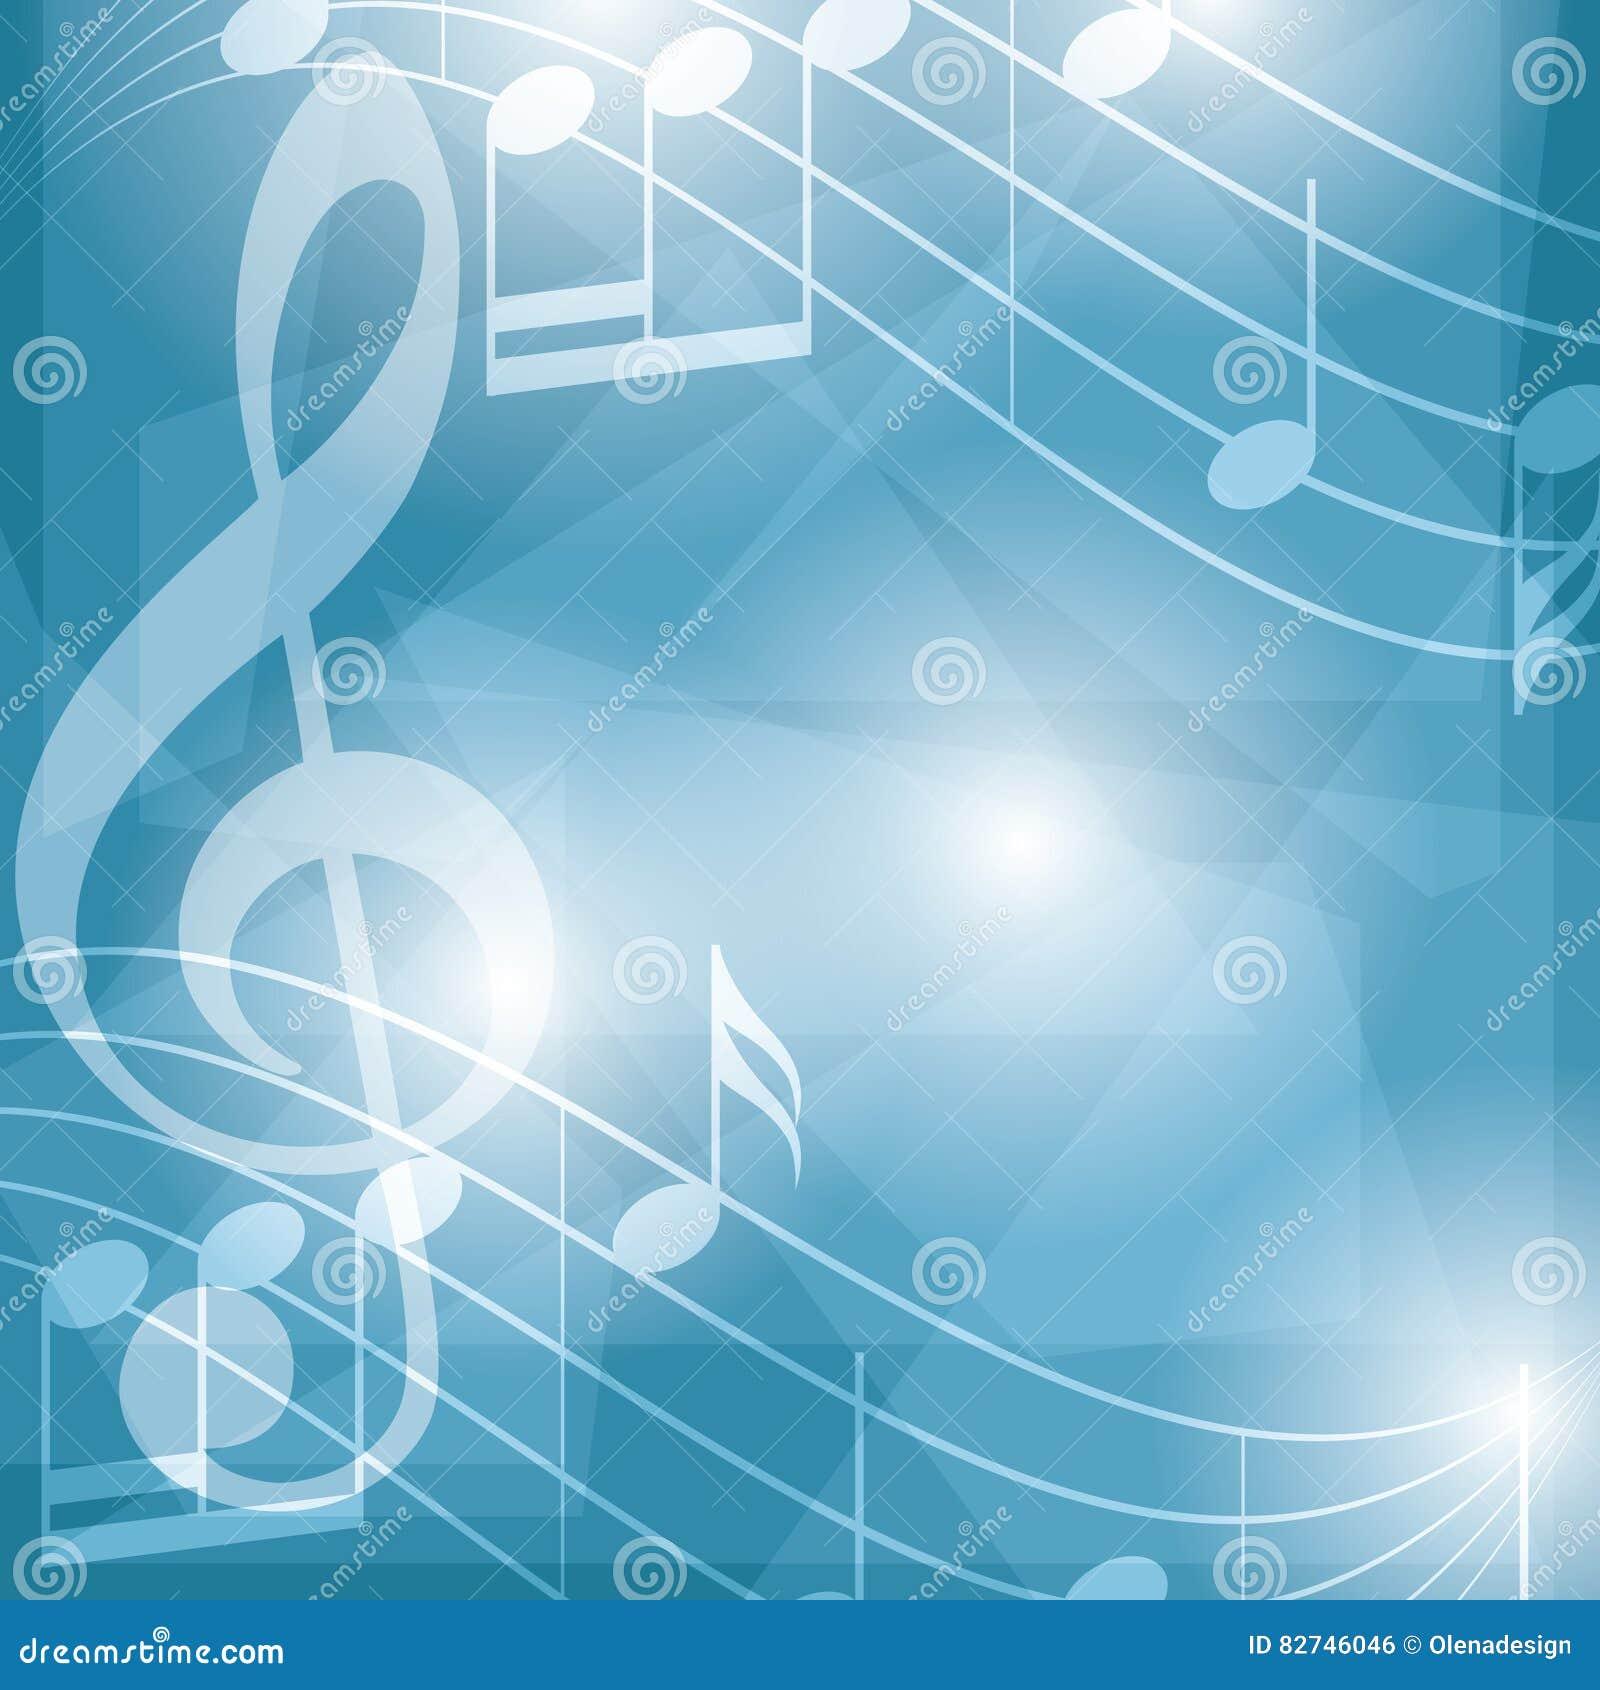 Abstracte blauwe muziekachtergrond met nota s